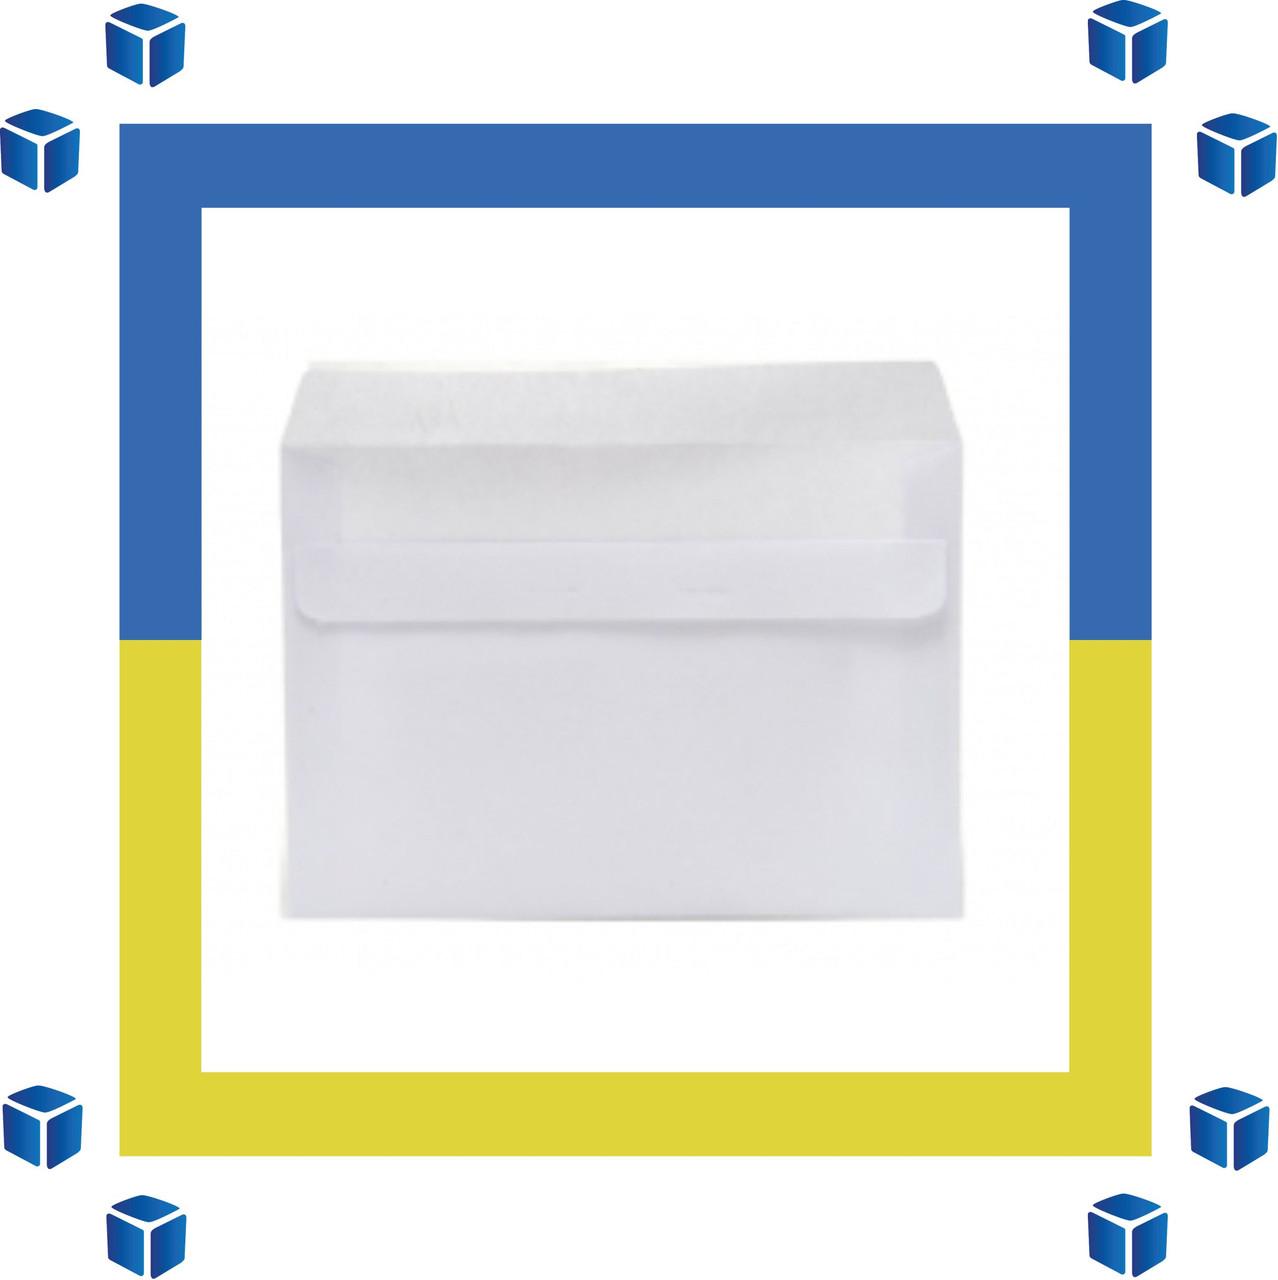 Конверты С6 (114х162) ск, белый (0+0)